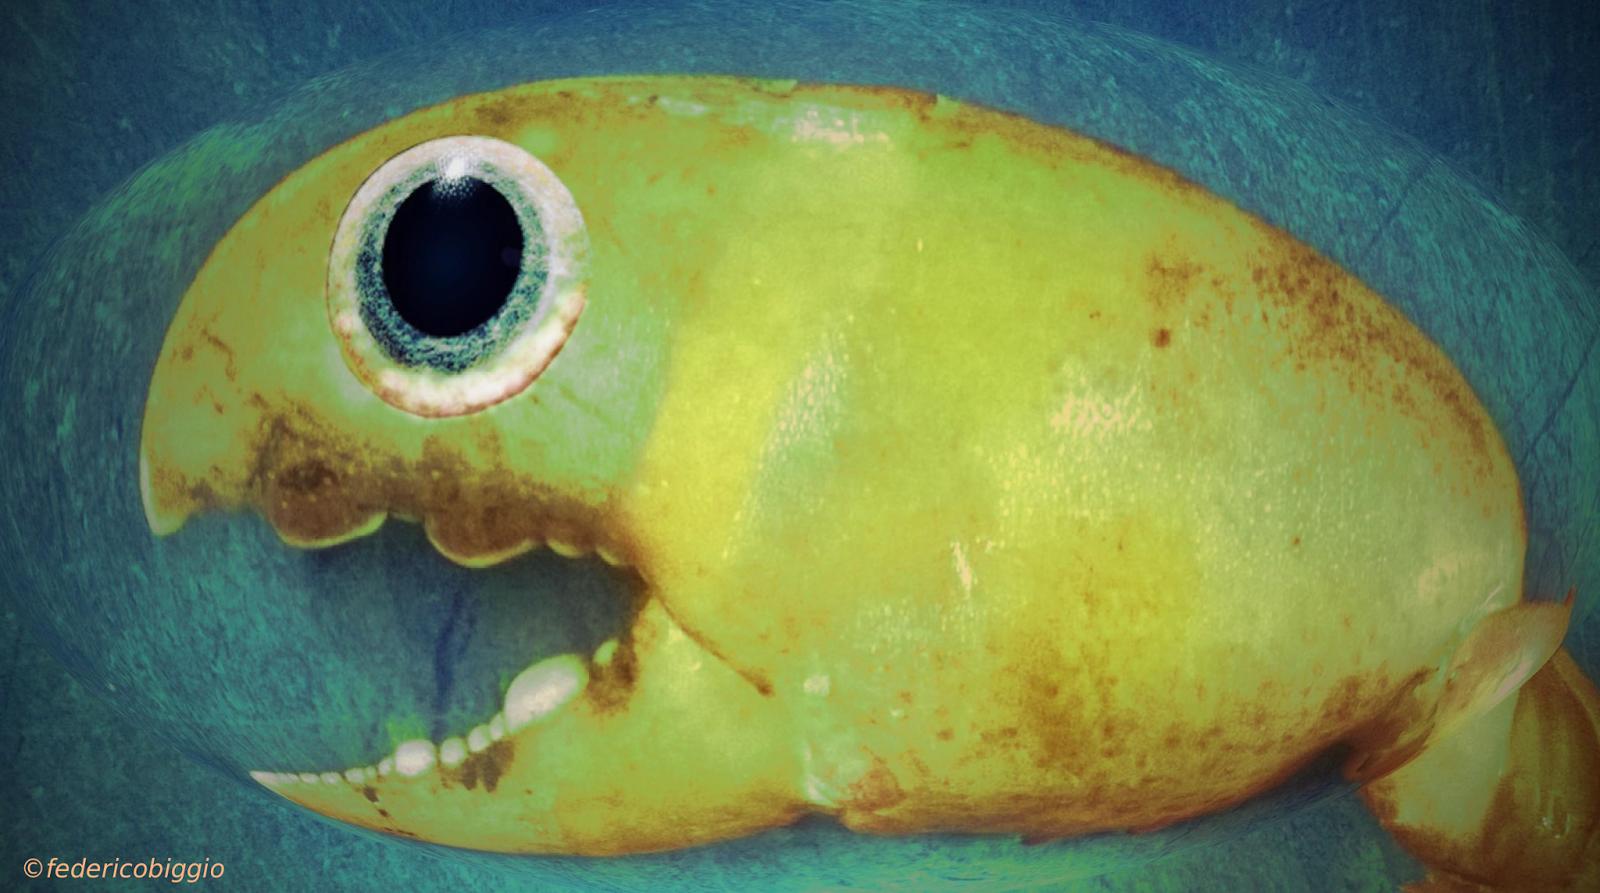 AlternativeVisions: Fisheye